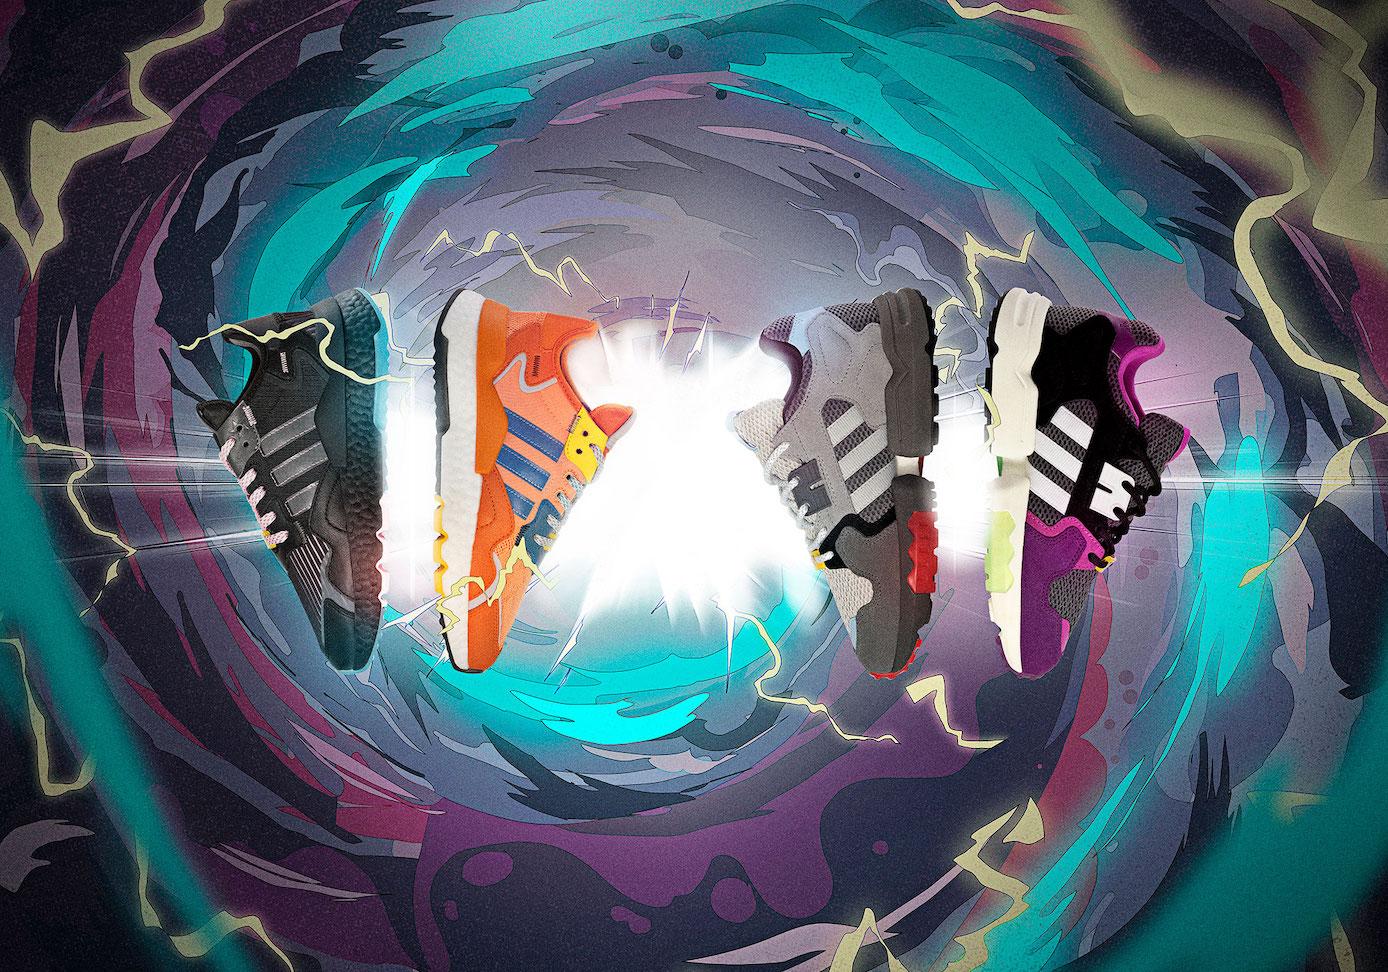 ゲームストリーマーNinjaとコラボ adidas Original新作シューズ発売